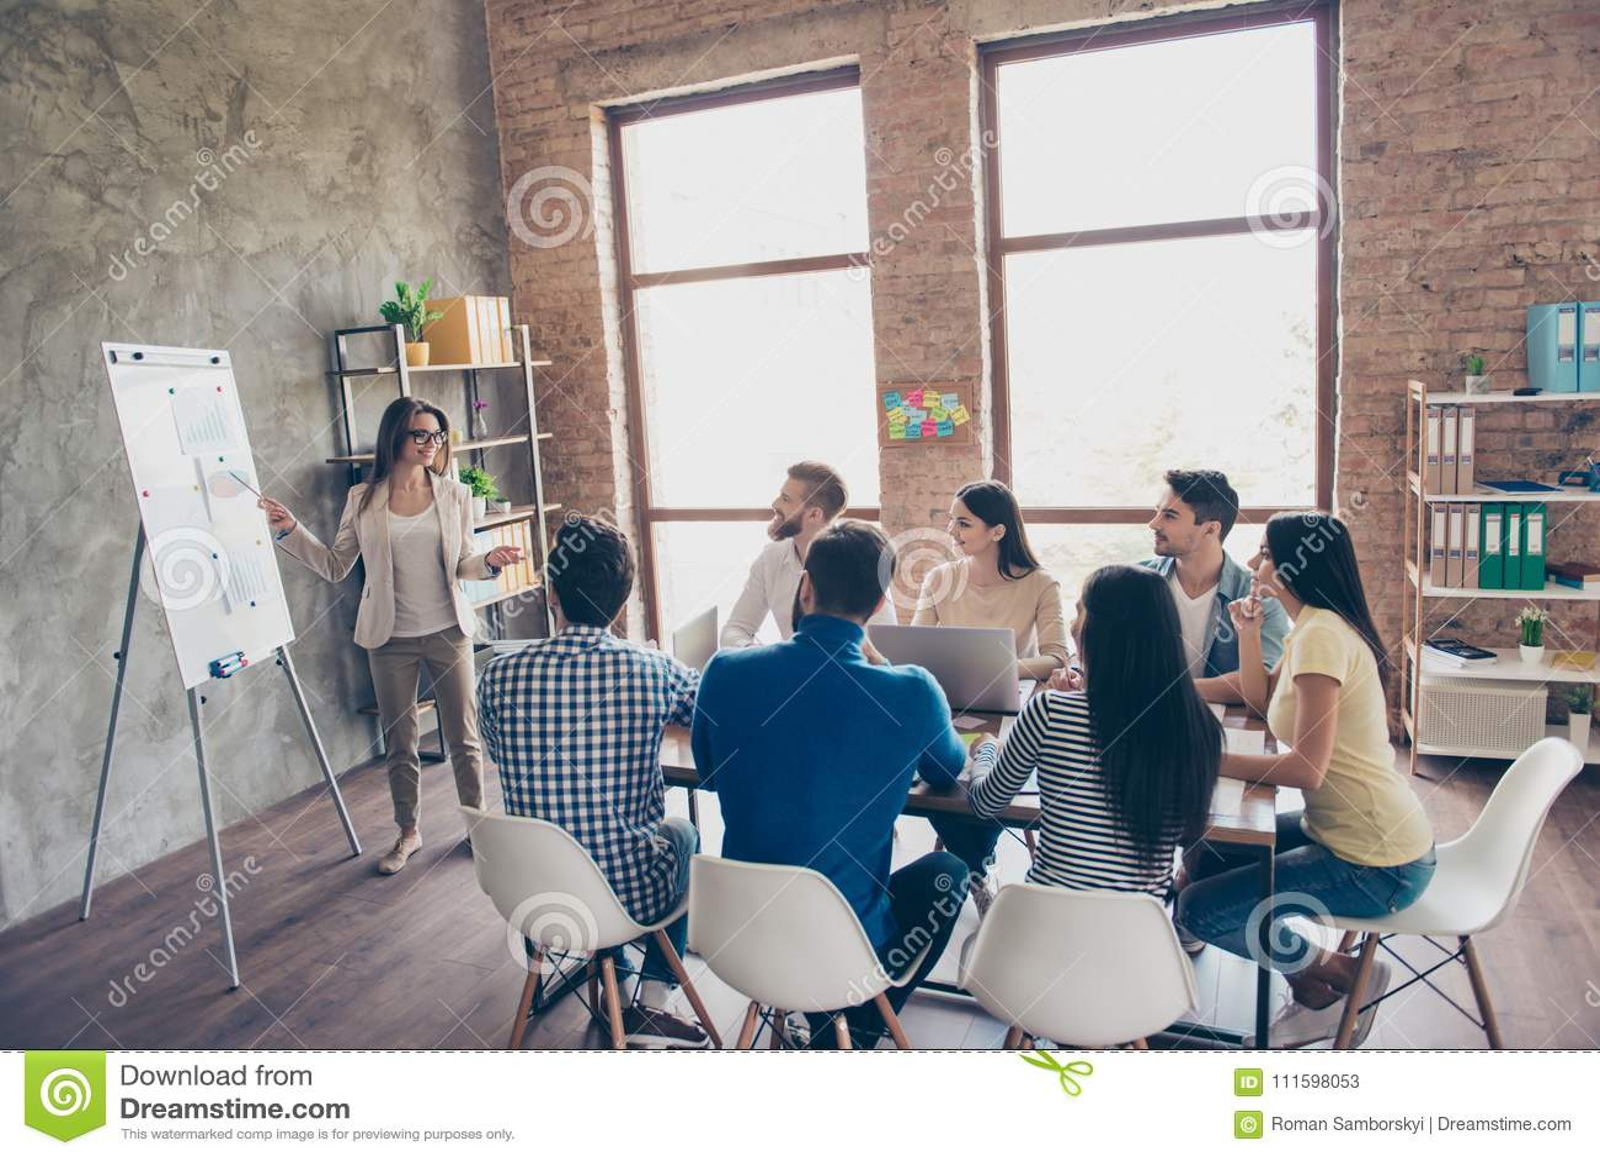 De jonge slimme dame in glazen rapporteert aan het team van collega s over het nieuwe project op de vergadering met de witte raad